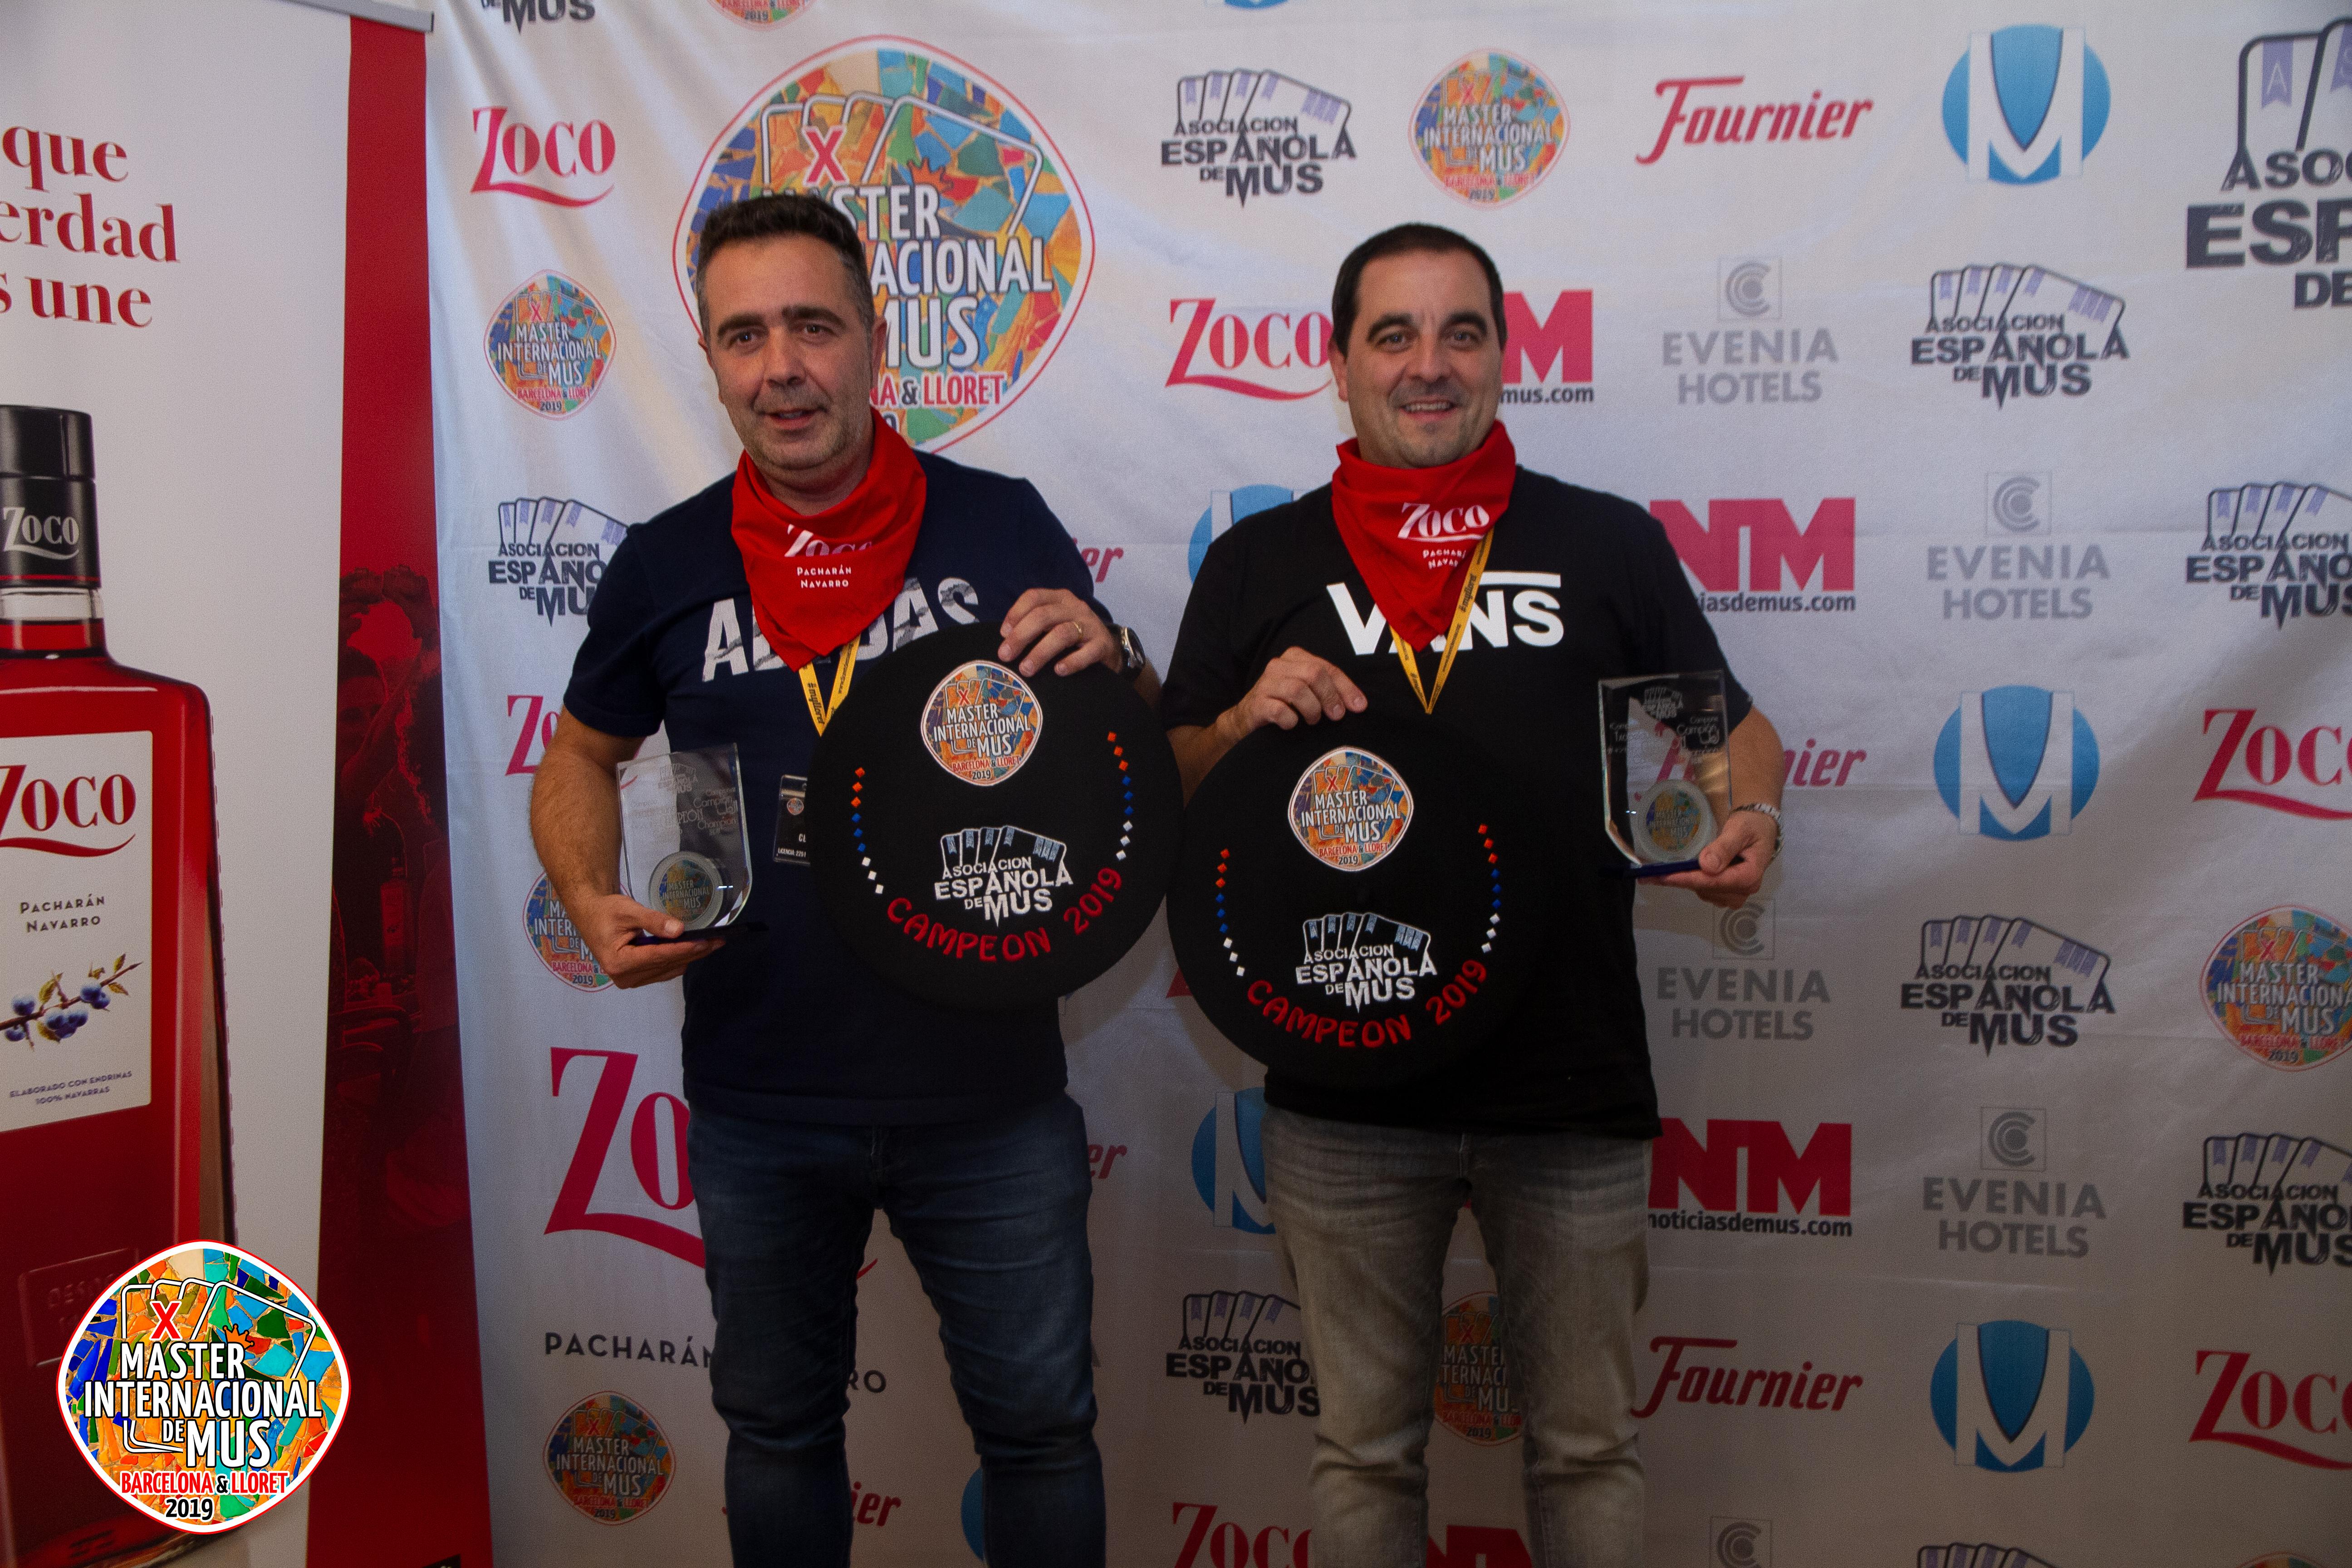 Campeones: César Rasines - Aitor Tolosa